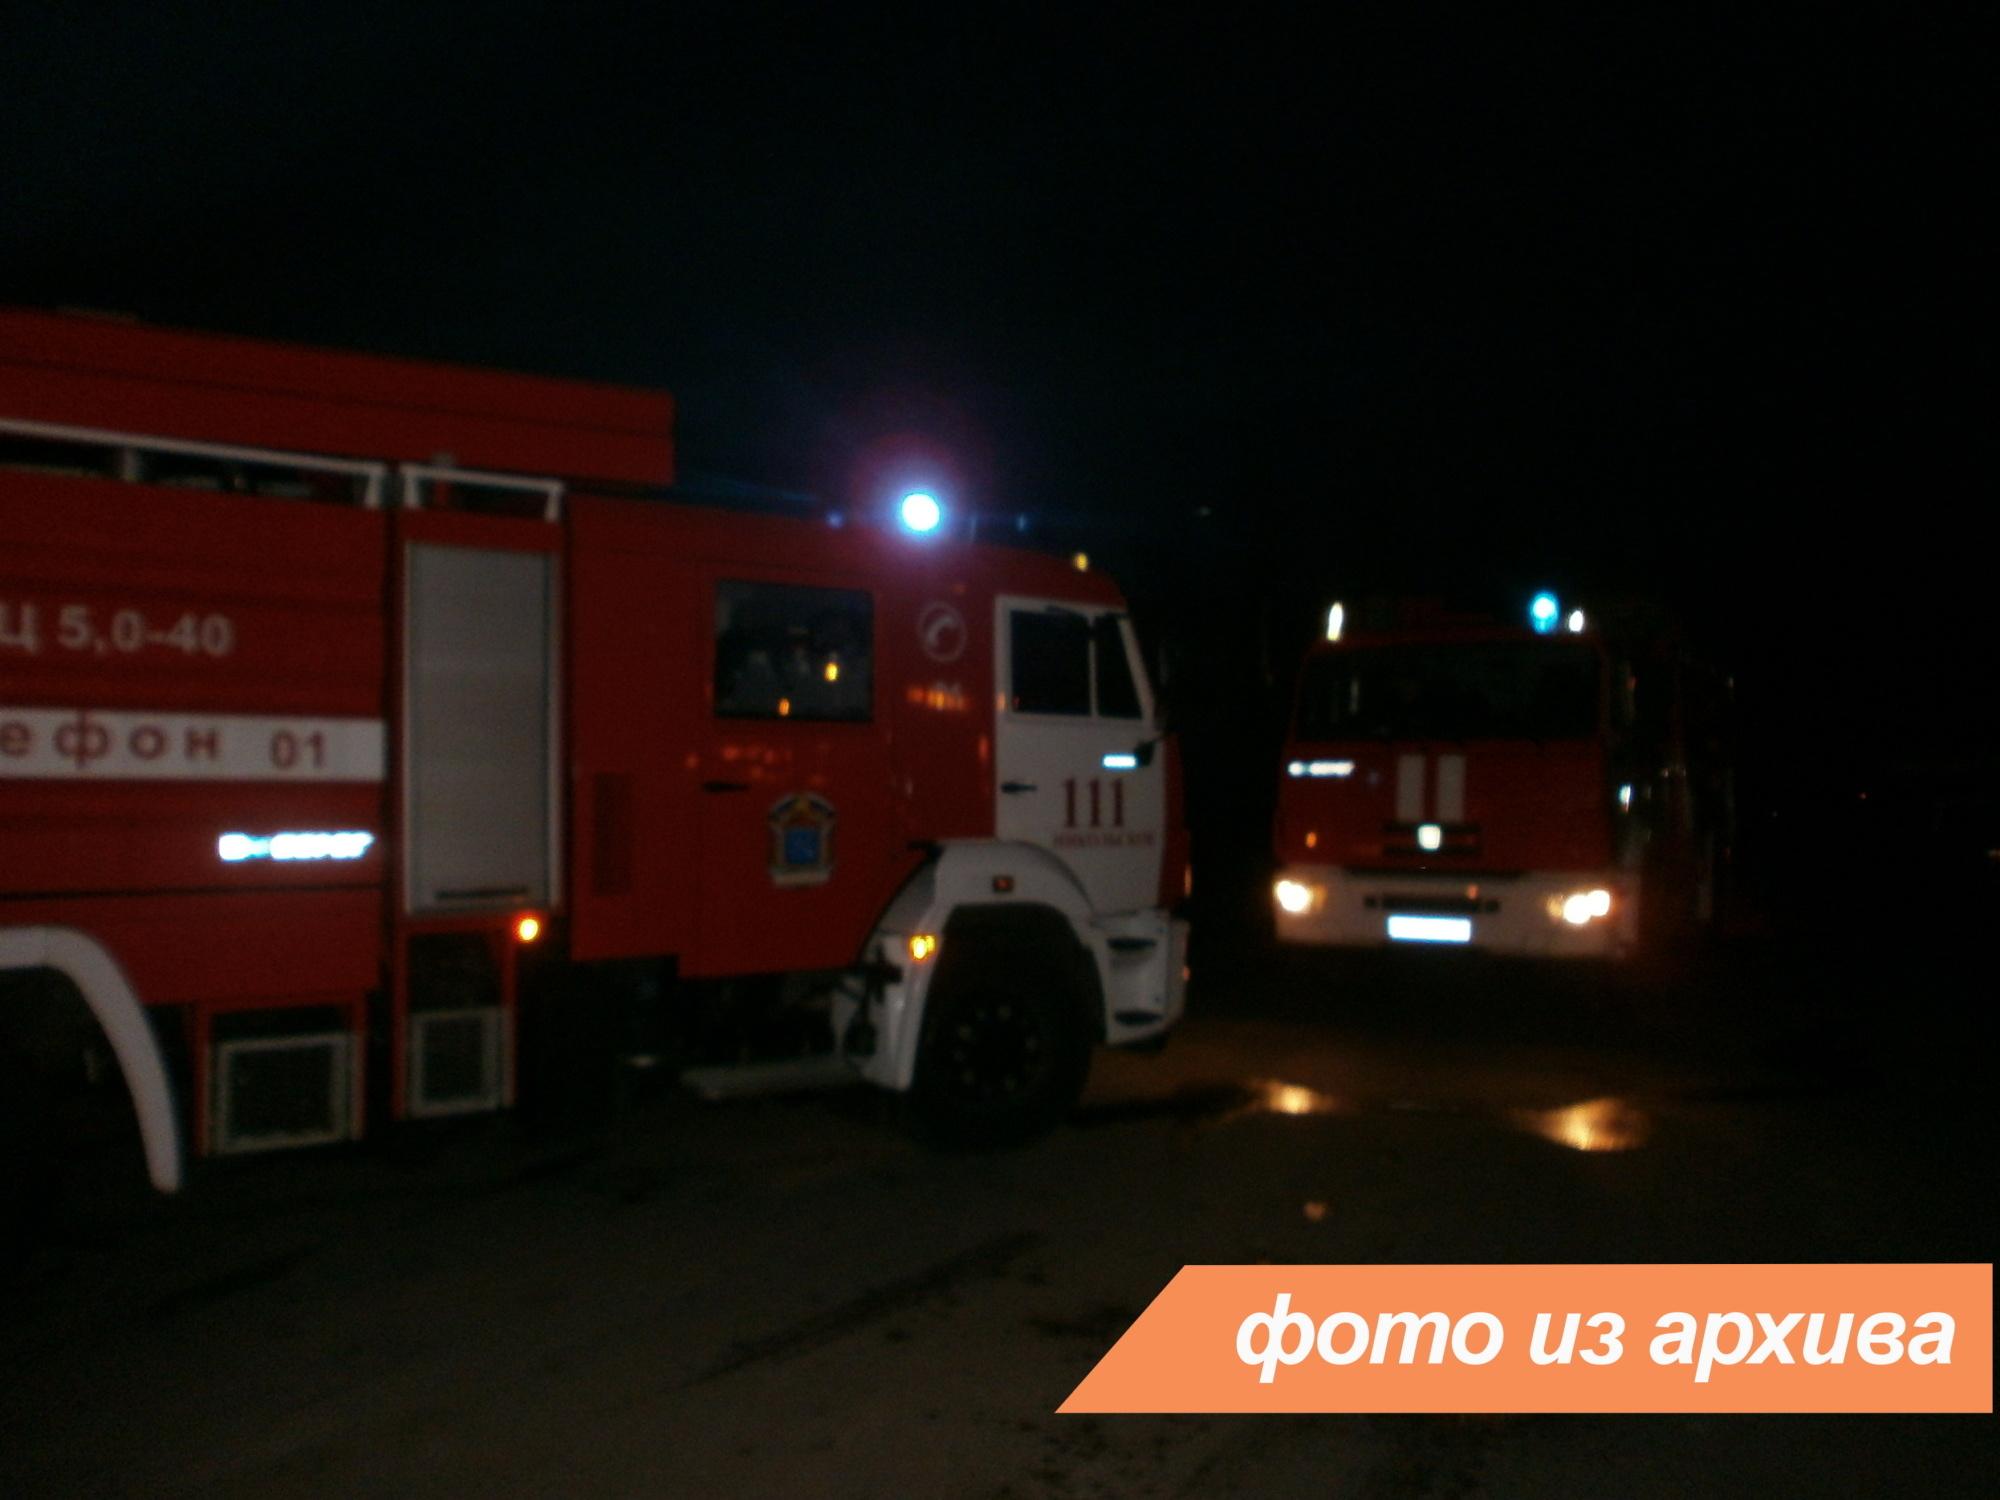 Пожарно-спасательные подразделения ликвидировали пожар во Всеволожском районе